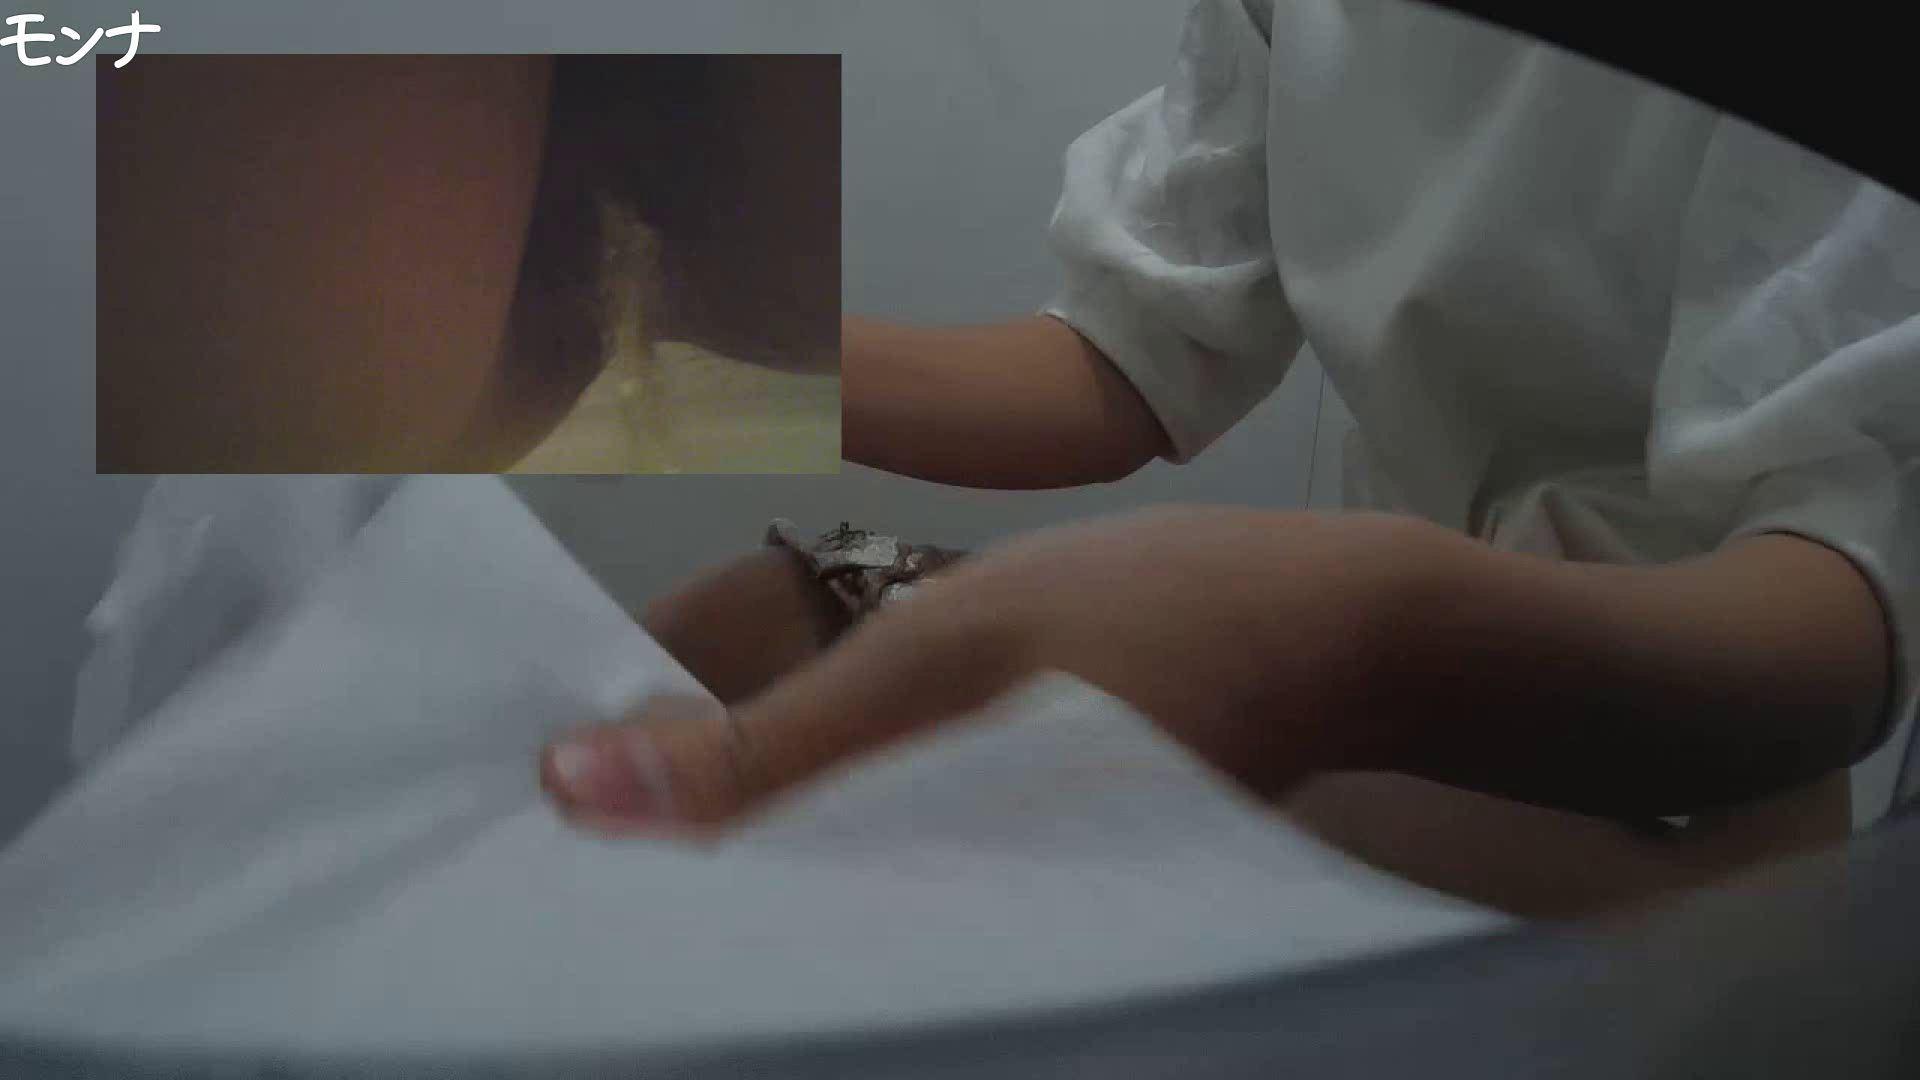 有名大学女性洗面所 vol.65 秘技!!マルチアングル天井撮り!! 潜入 オメコ動画キャプチャ 110枚 105